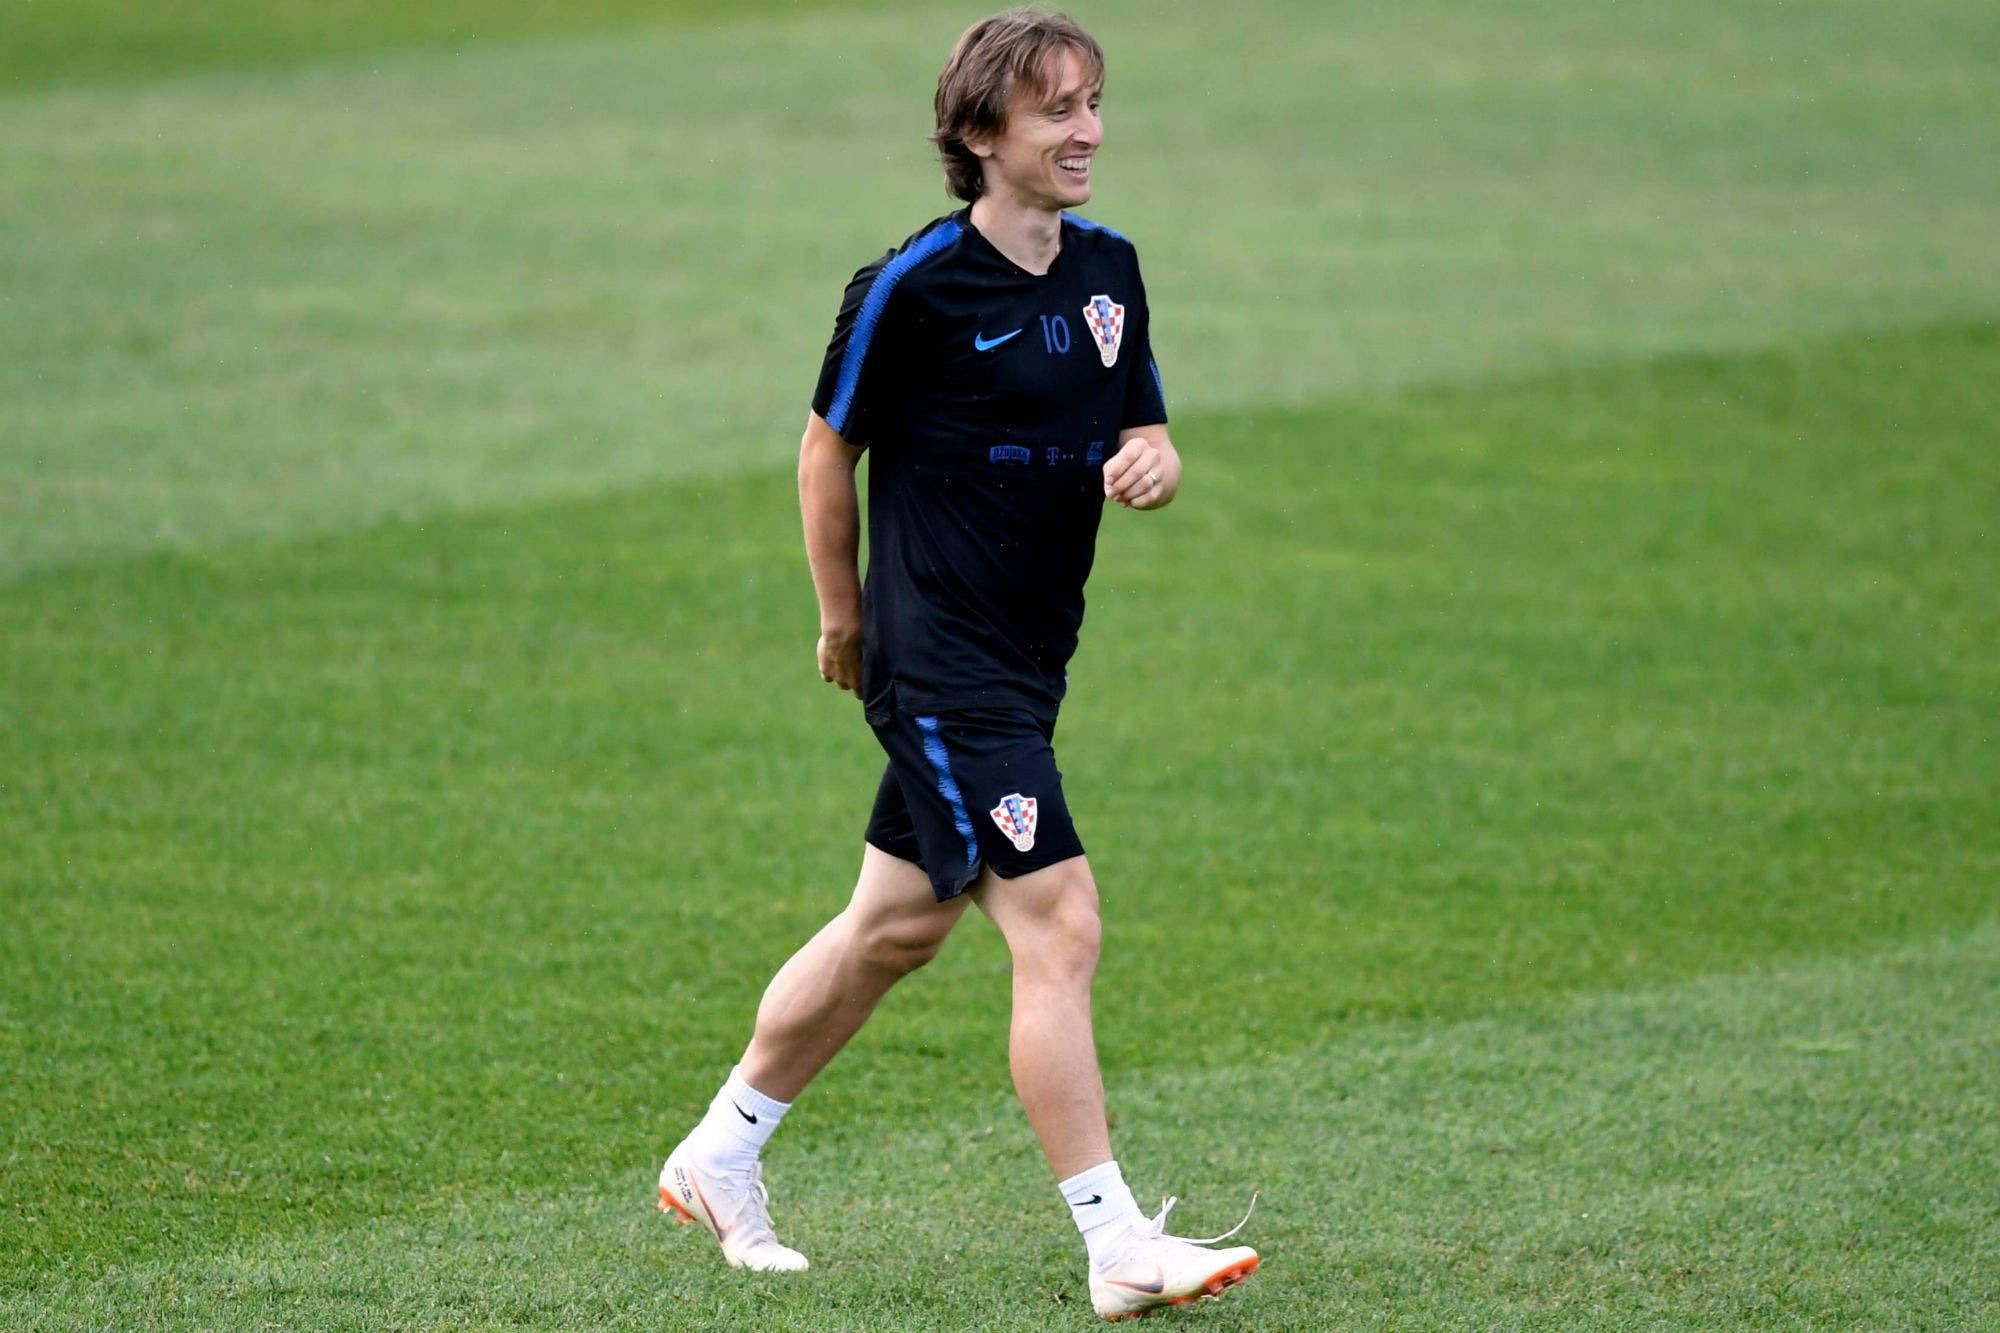 Luka Modric, el eje de Croacia: de la dura infancia marcada por la guerra a estar involucrado en un caso de corrupción en el fútbol